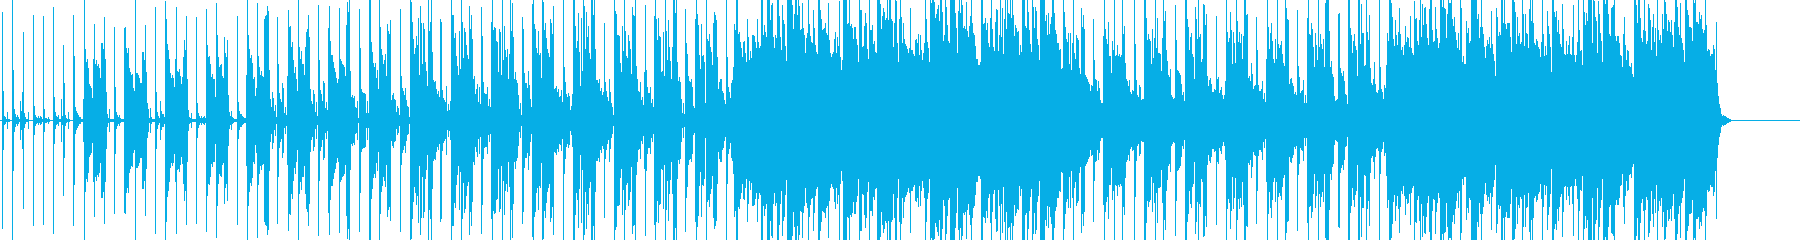 アコギメインのシンプルなポップスの再生済みの波形